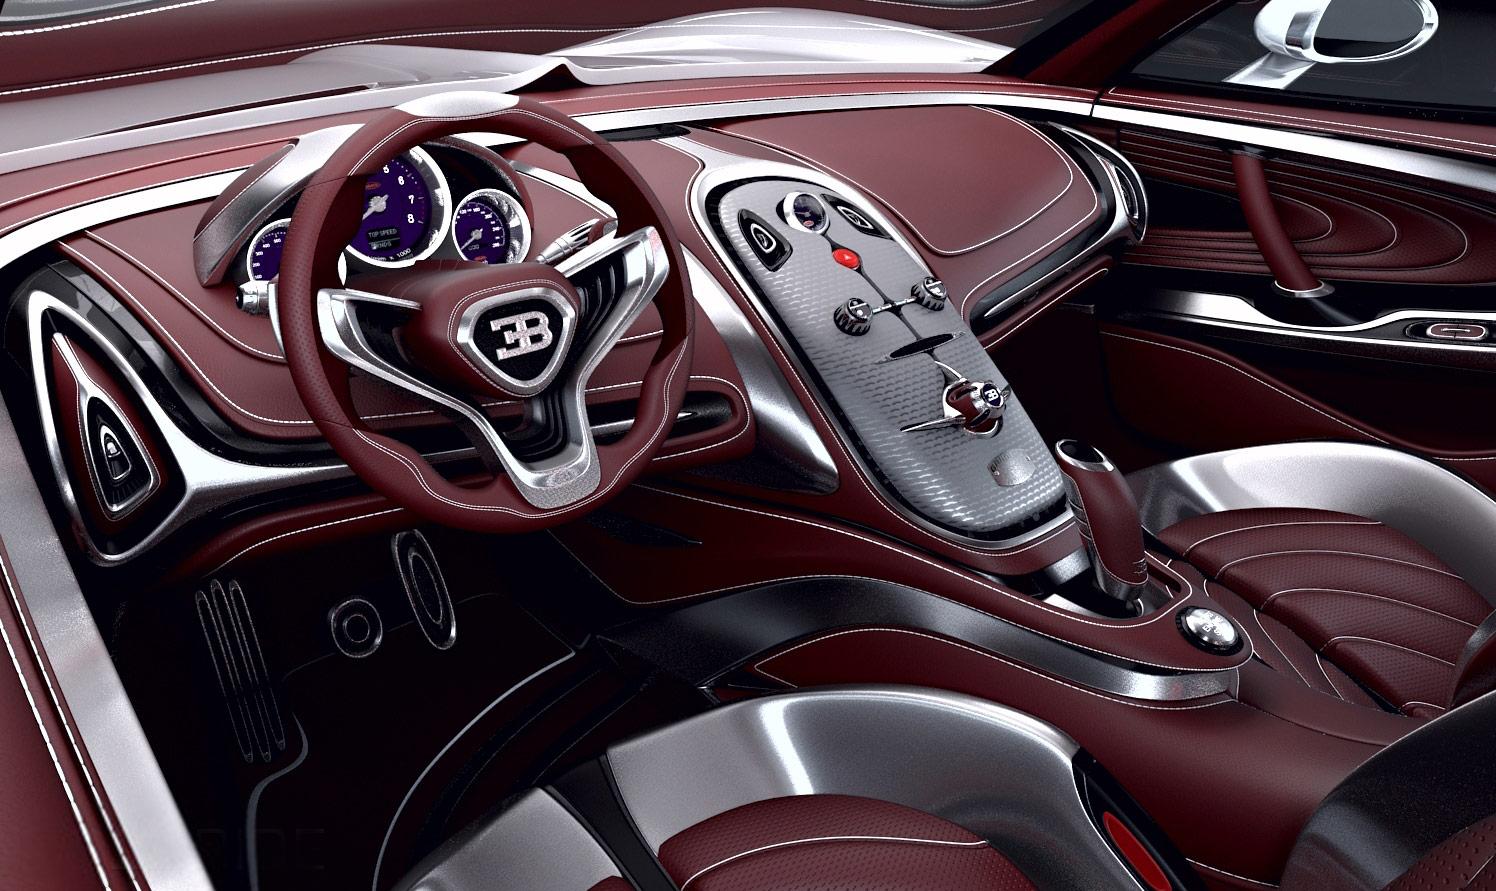 bugatti gangloff interior images source - Bugatti Interior 2014